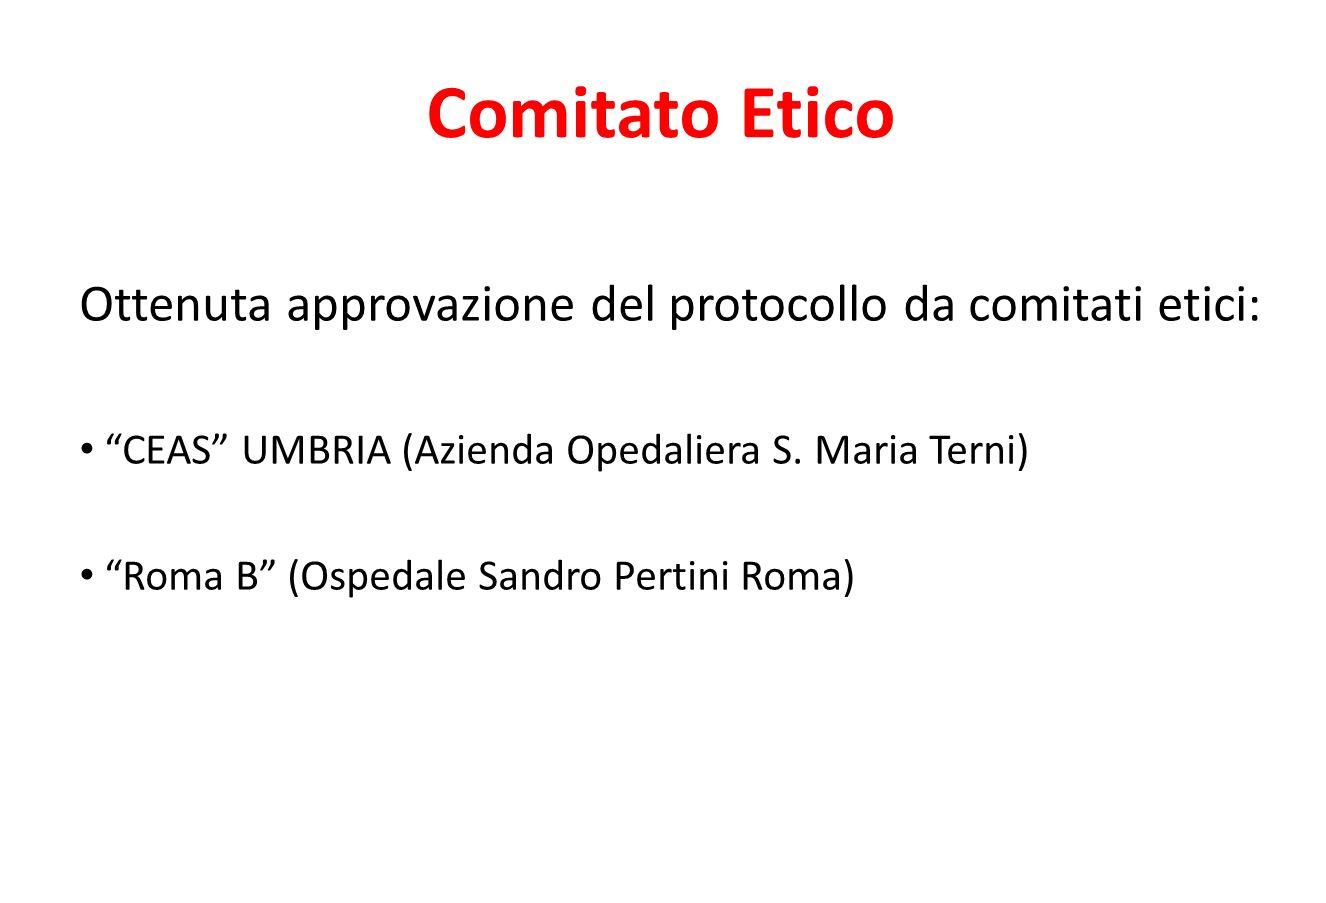 Comitato Etico Ottenuta approvazione del protocollo da comitati etici: CEAS UMBRIA (Azienda Opedaliera S.